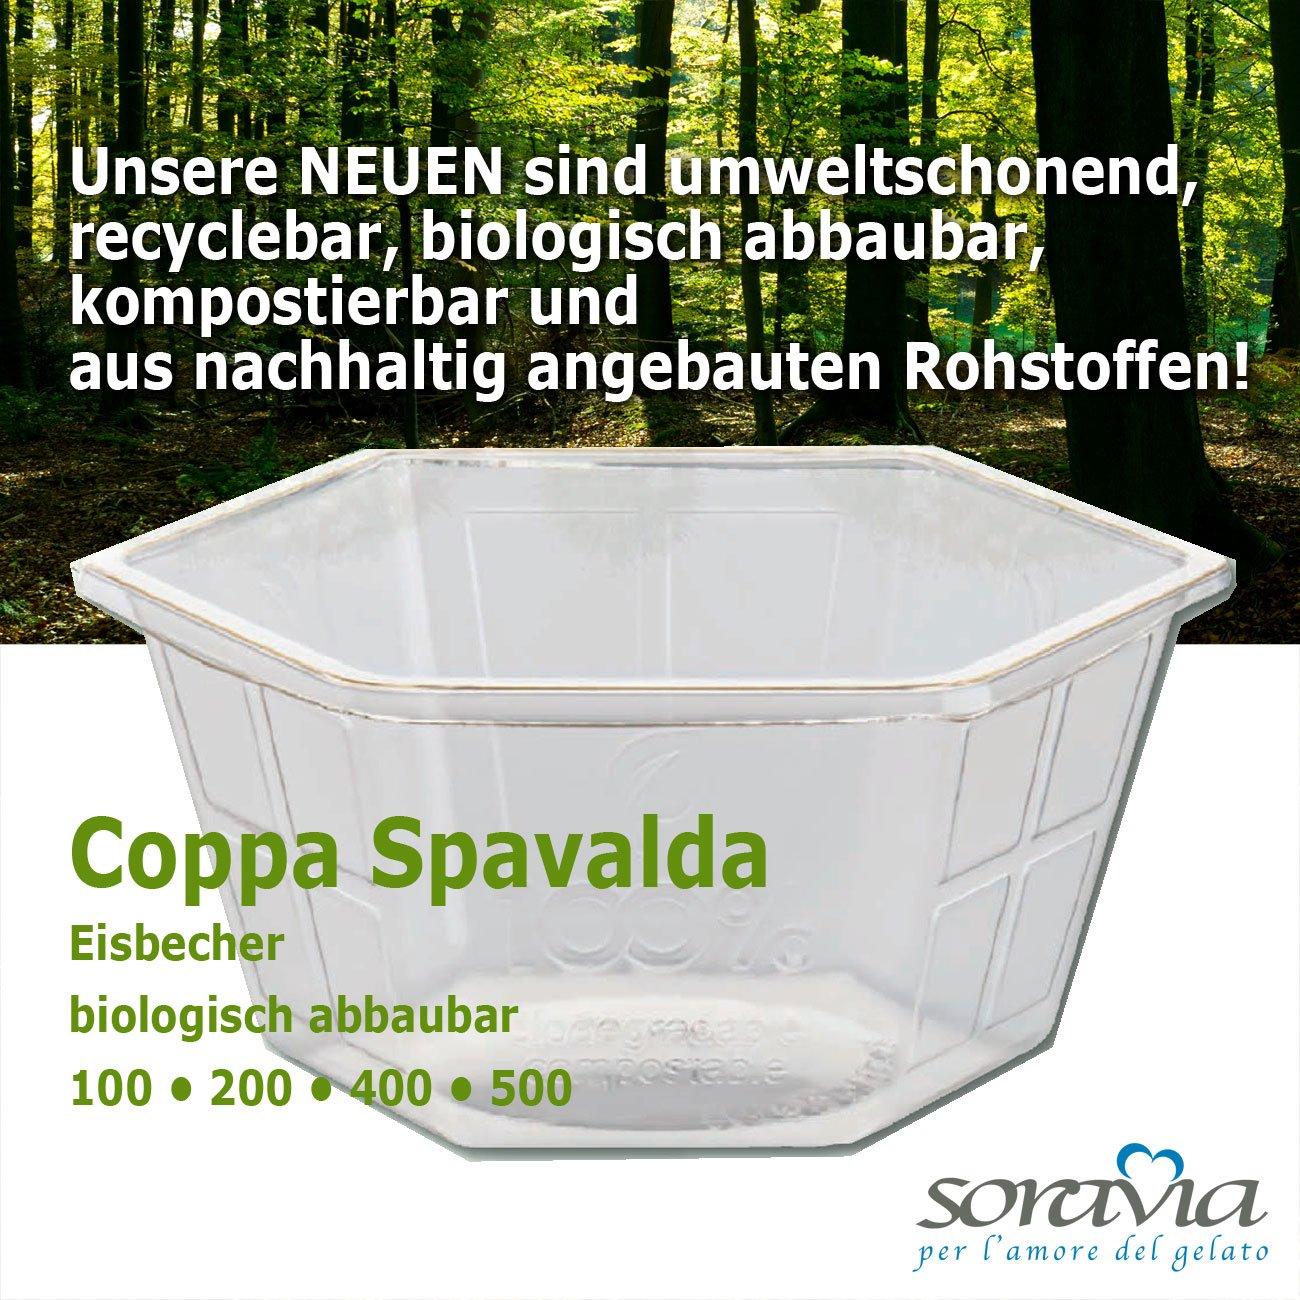 Coppa Spavalda 400, bunt gemischt / multicolore  - Karton 600 Stück -  Eisbecher aus Plastik